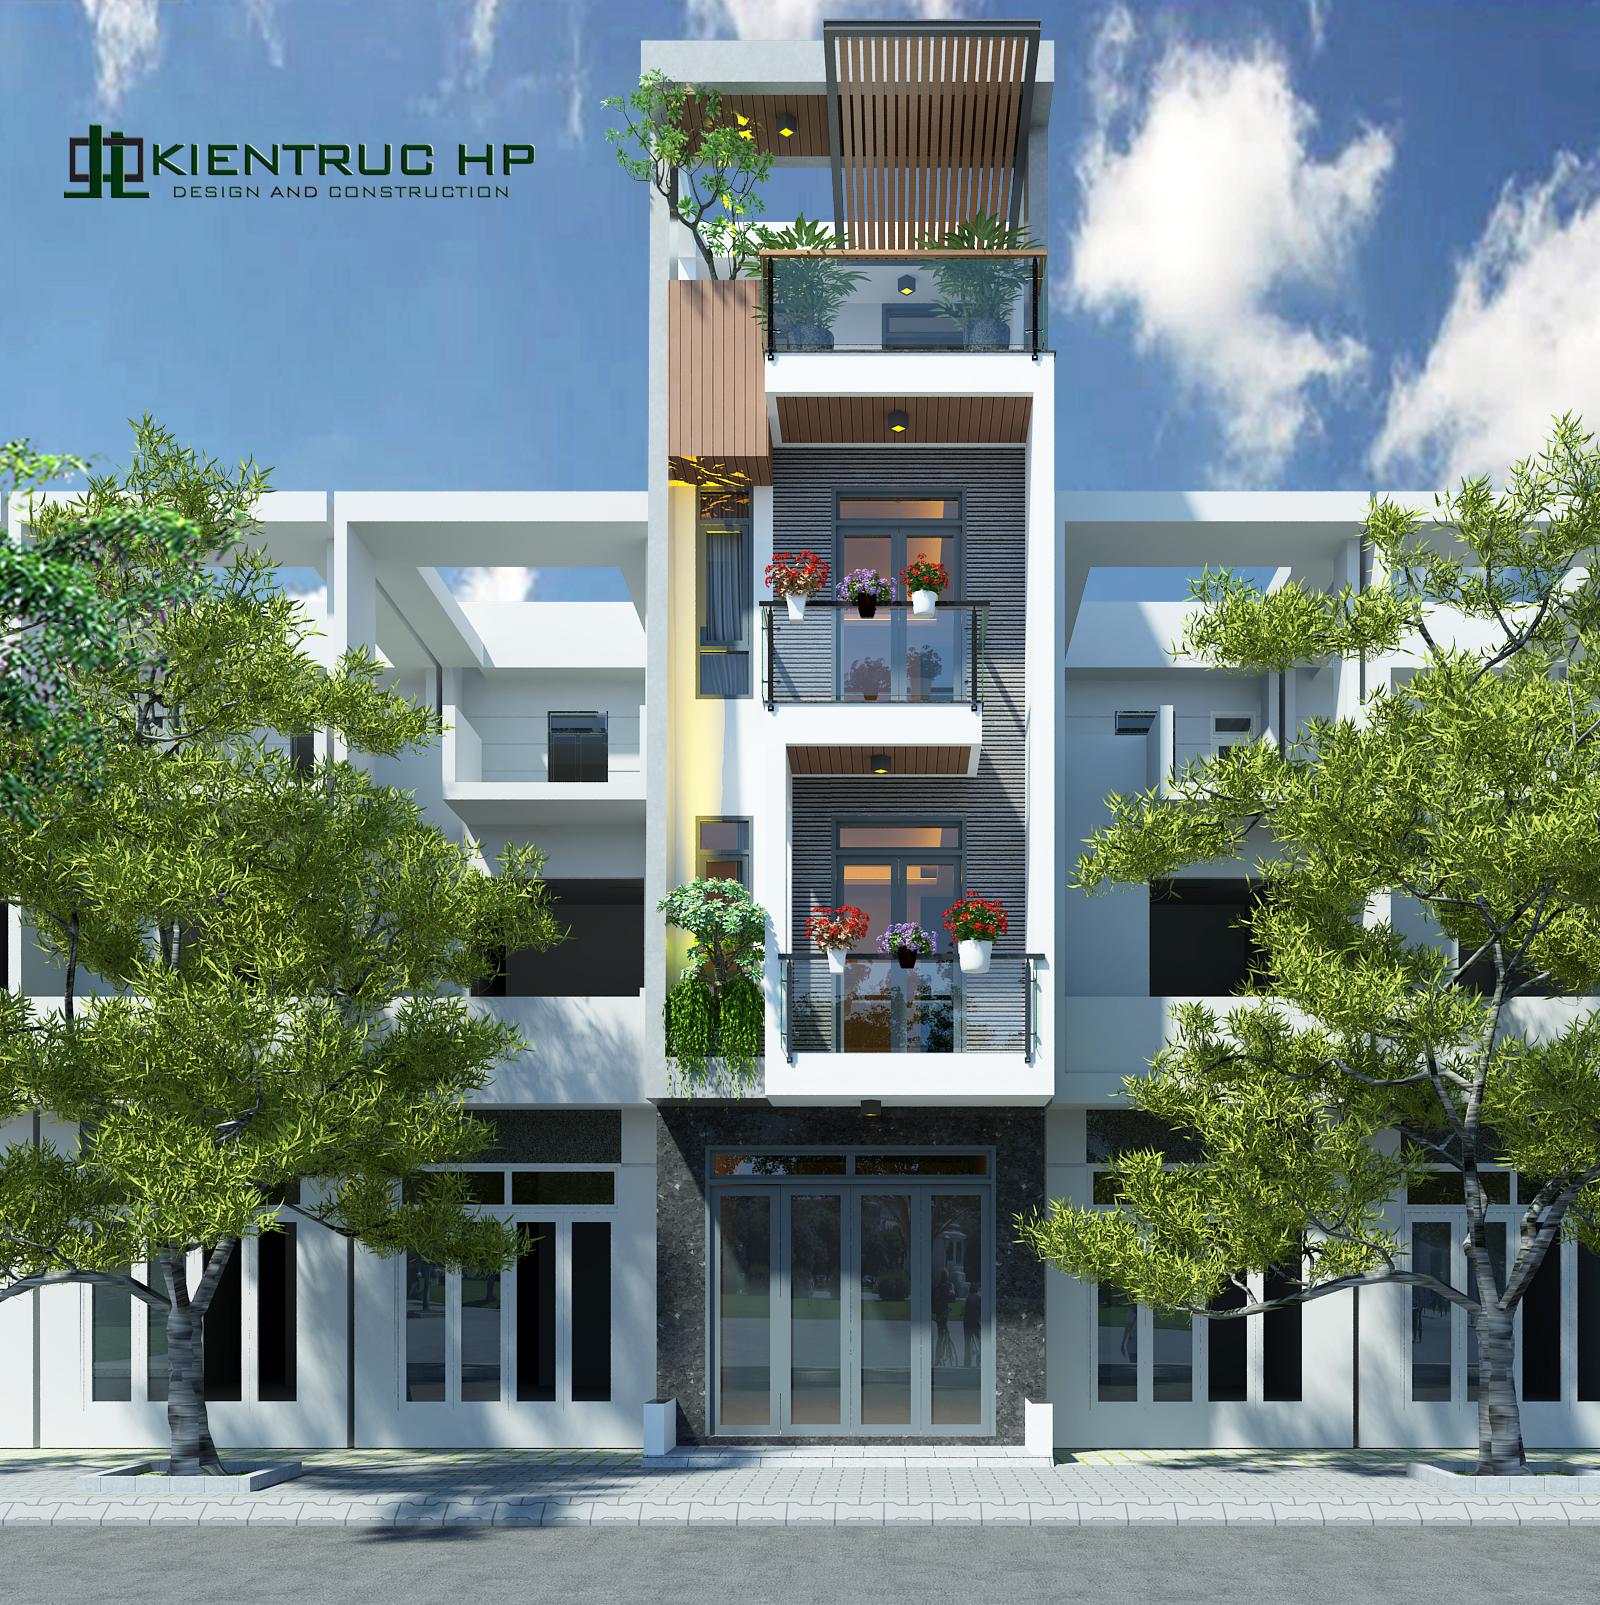 Thiết kế thi công nhà phố hiện đại 1 trệt 2 lầu sân thượng- Diện tích 4x12 - Chủ đầu tư A Bân